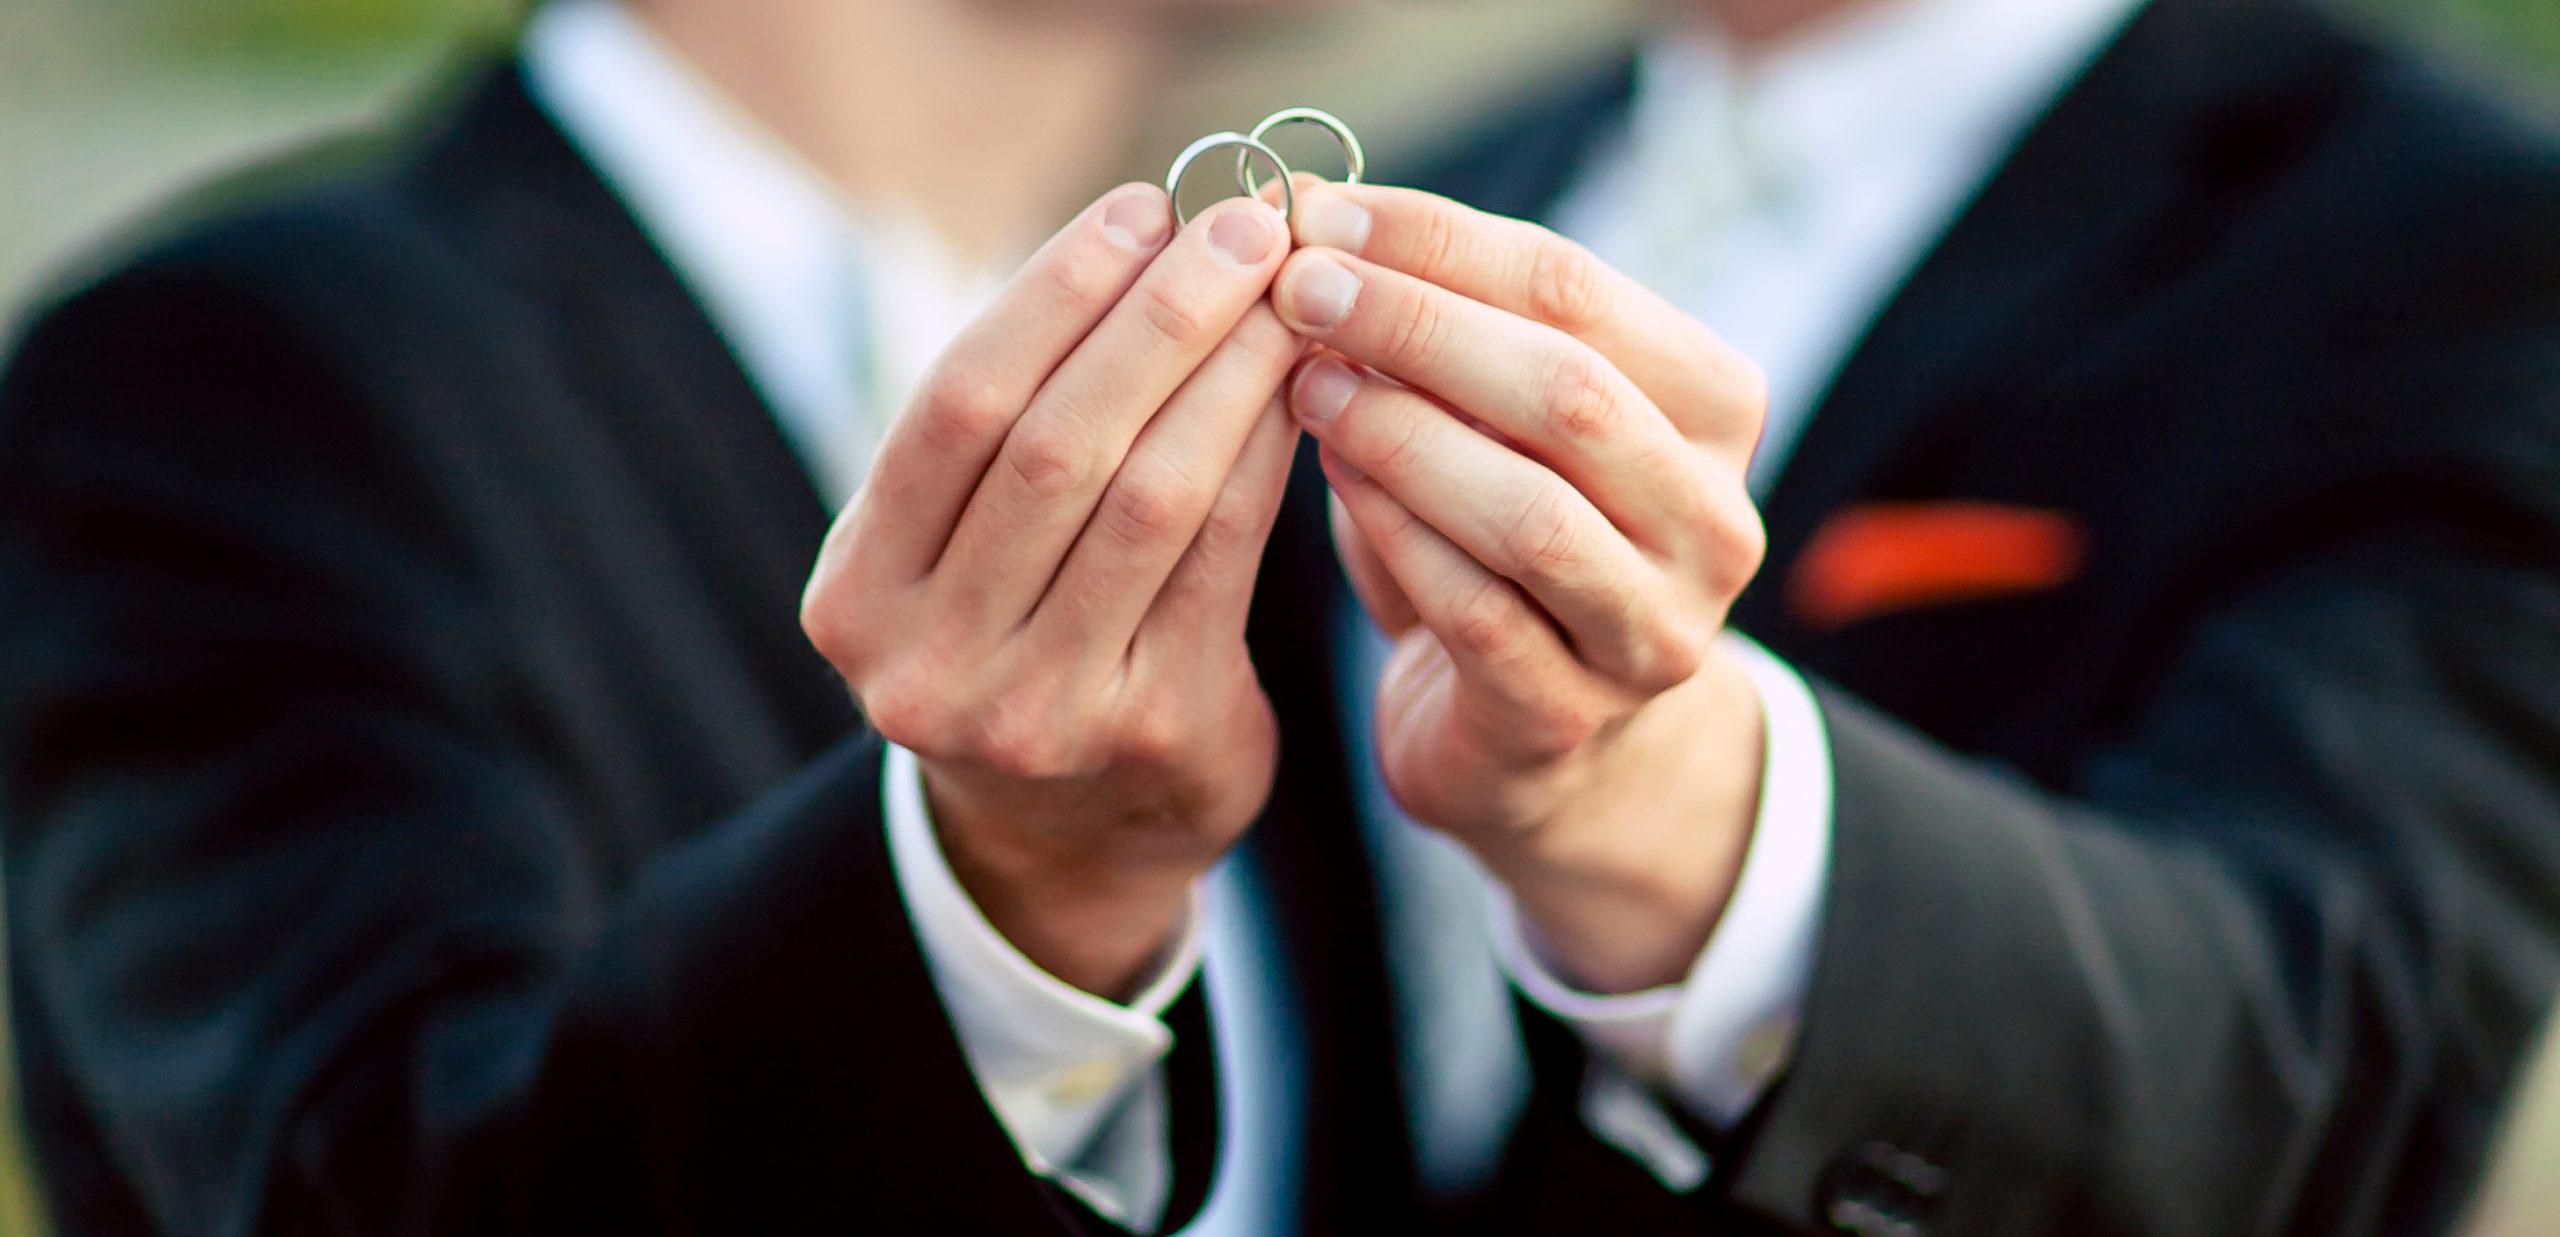 matrimonio gay legale